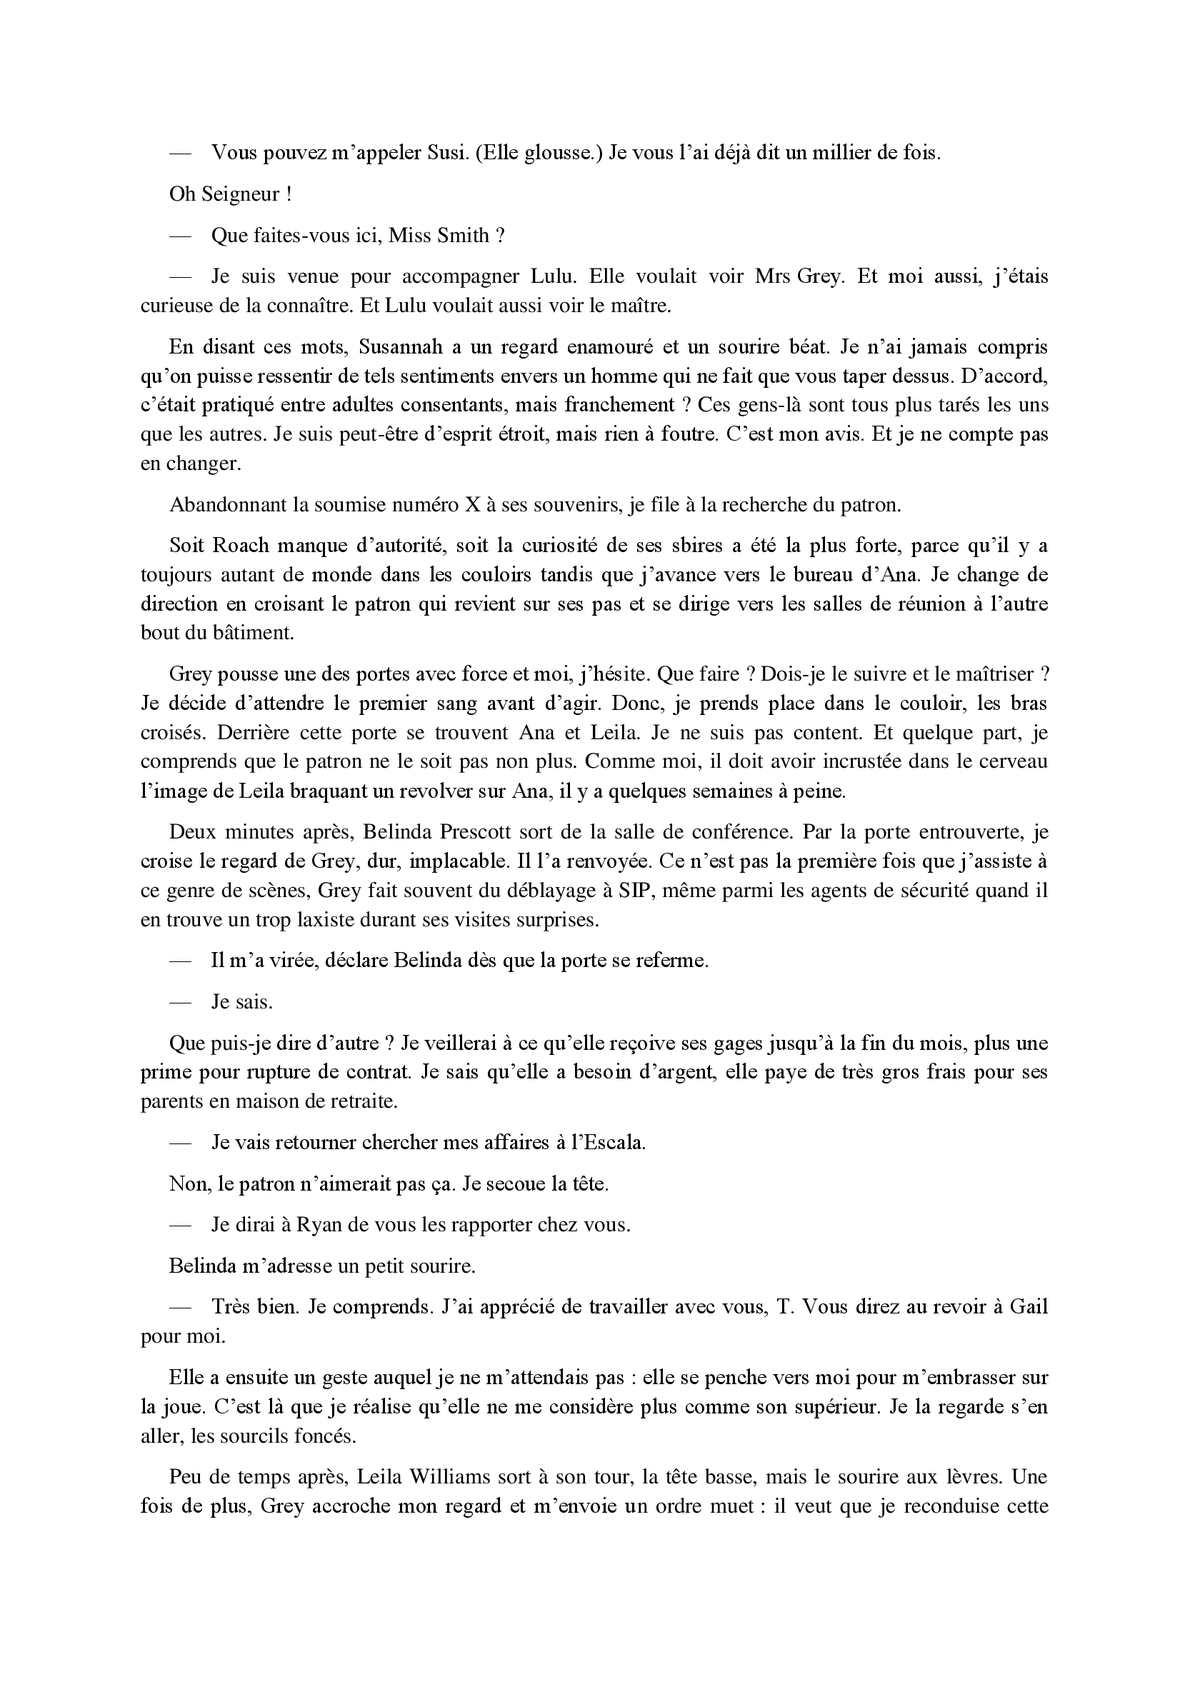 Contract Soumission 50 Nuances De Grey Pdf Download EXCLUSIVE